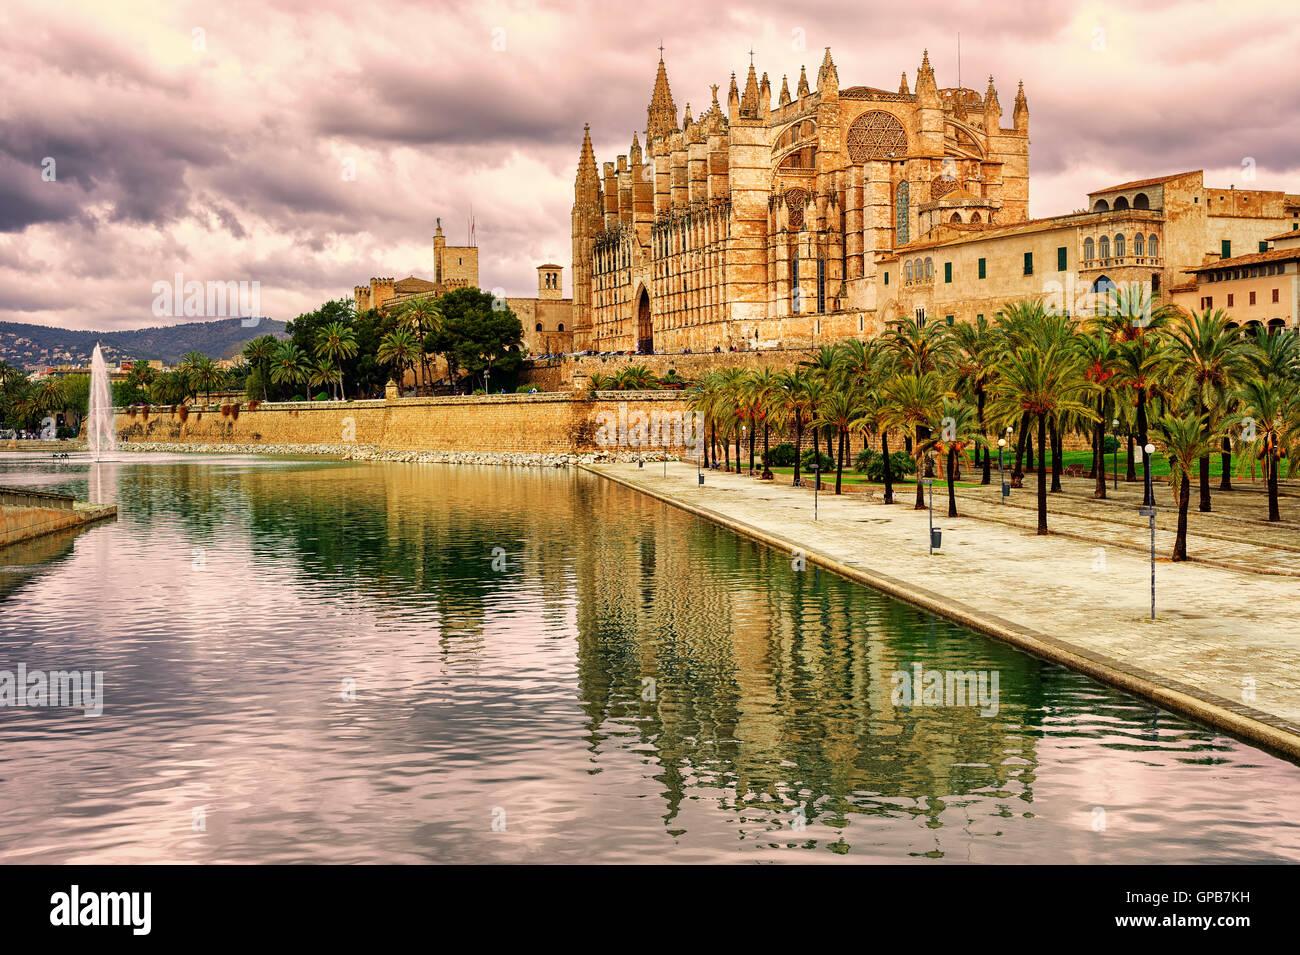 La Seu, la catedral de Palma de Mallorca, reflejándose en el agua en el atardecer, España Imagen De Stock